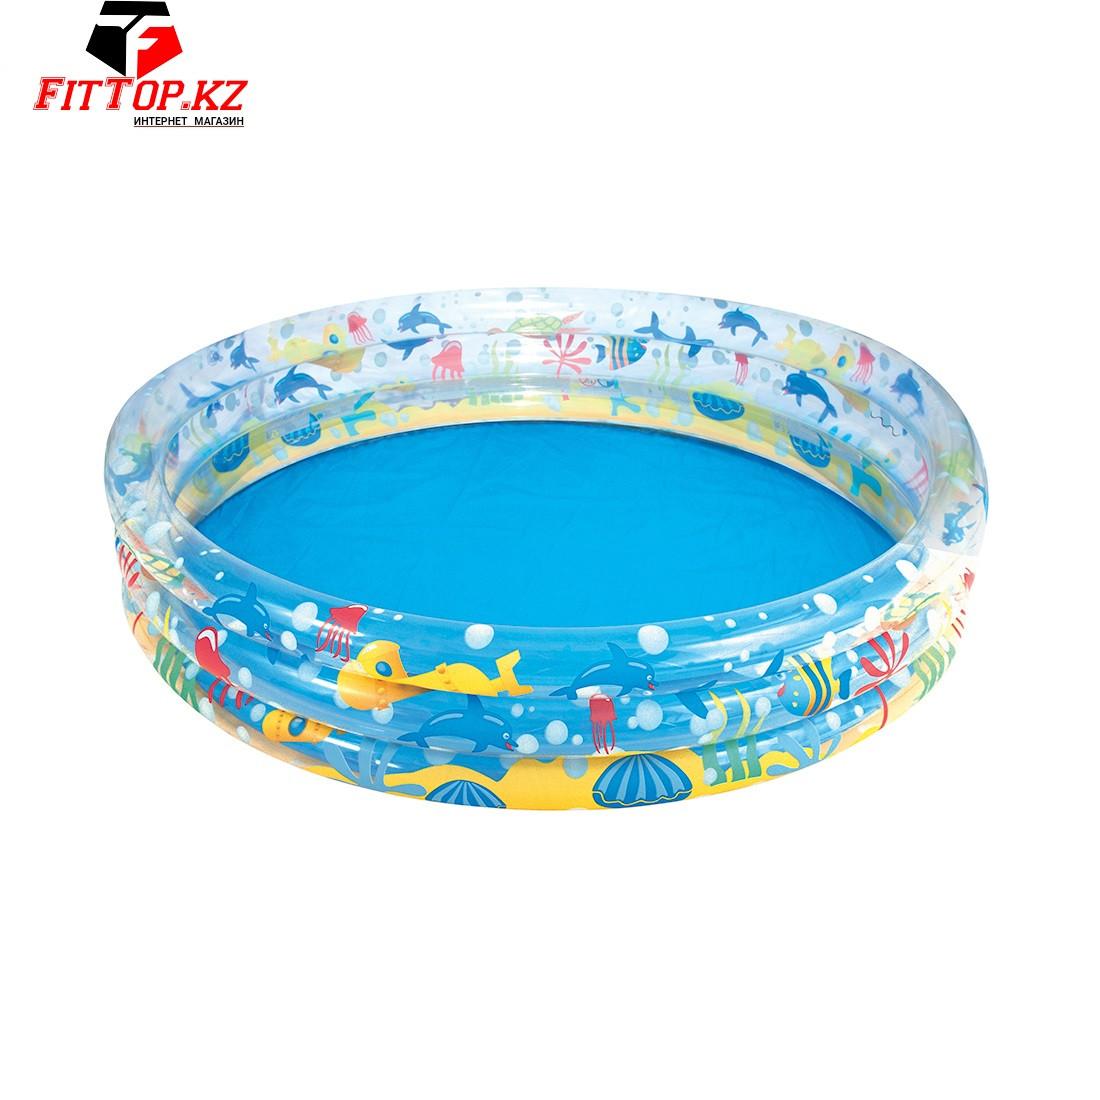 Детский надувной бассейн Deep Dive 183 x 33 см, BESTWAY, 51005, Винил, 480 л., 2+